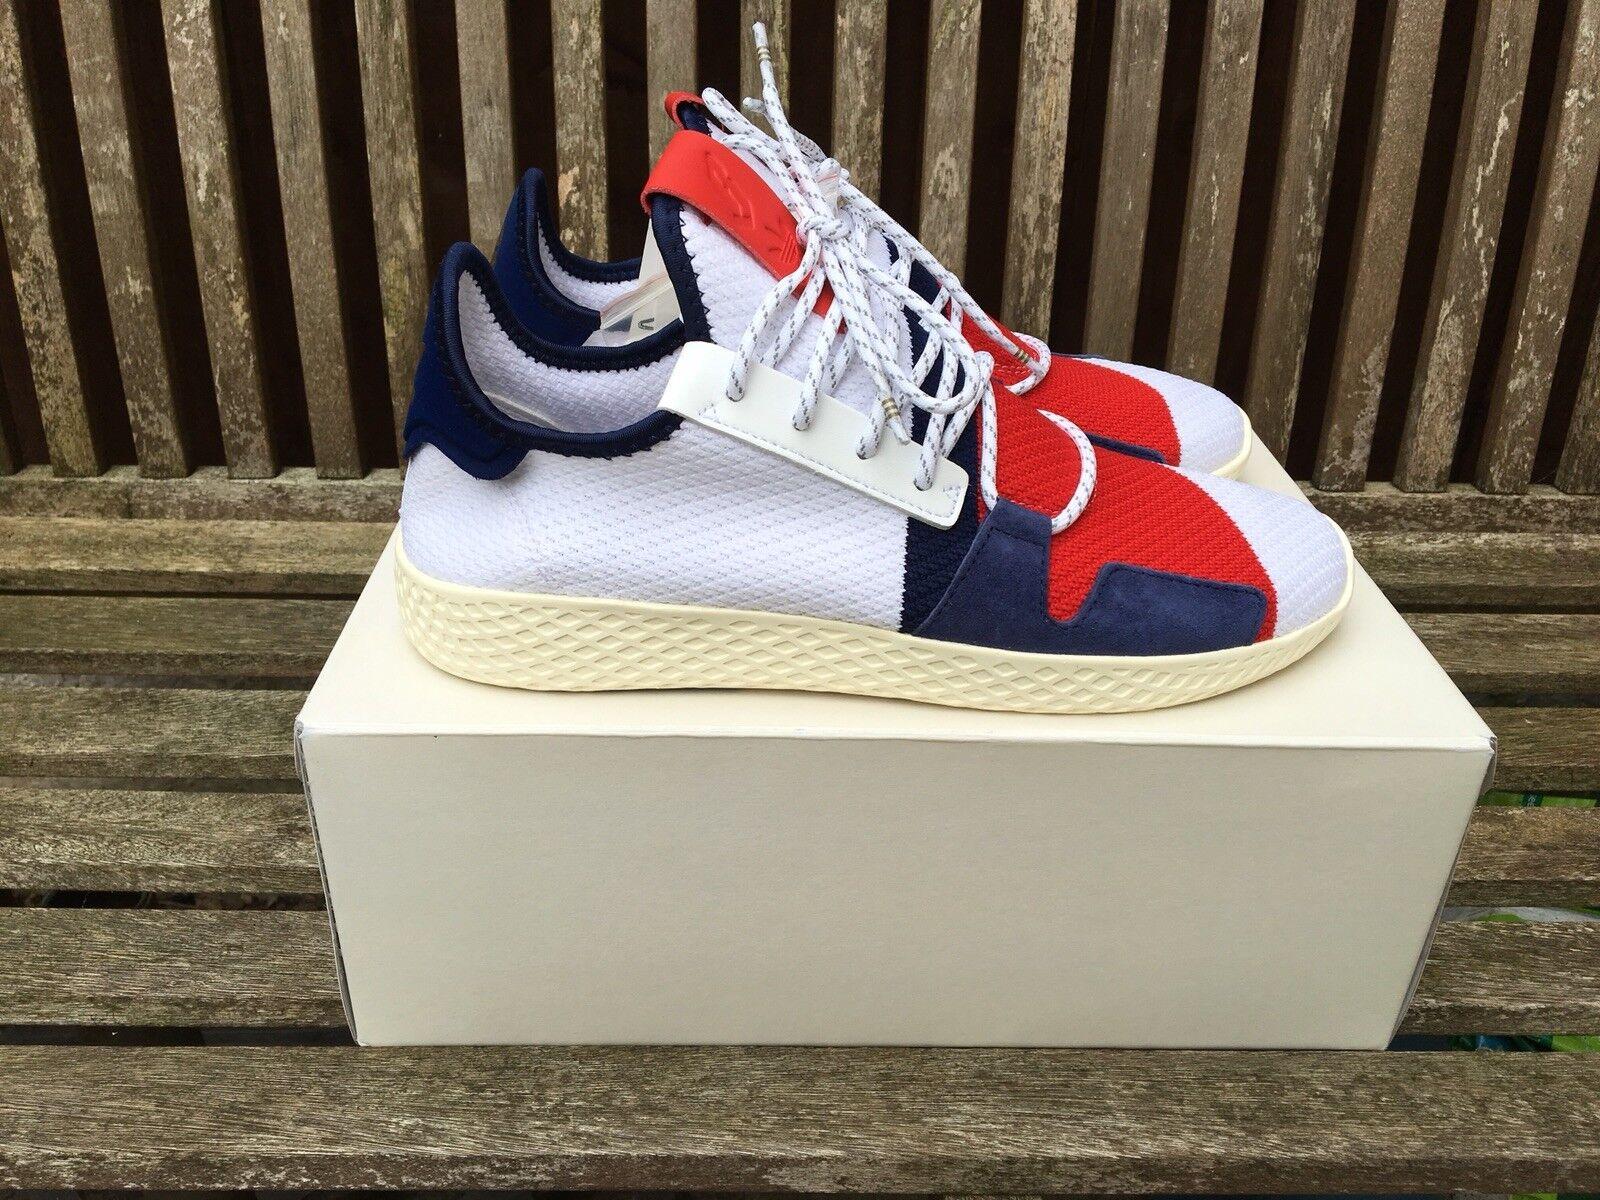 Adidas Adidas Adidas HU V2 x BBC-Dimensione - 9UK 9.5US 431 3EU - Billionaire Boys Club b31f3d